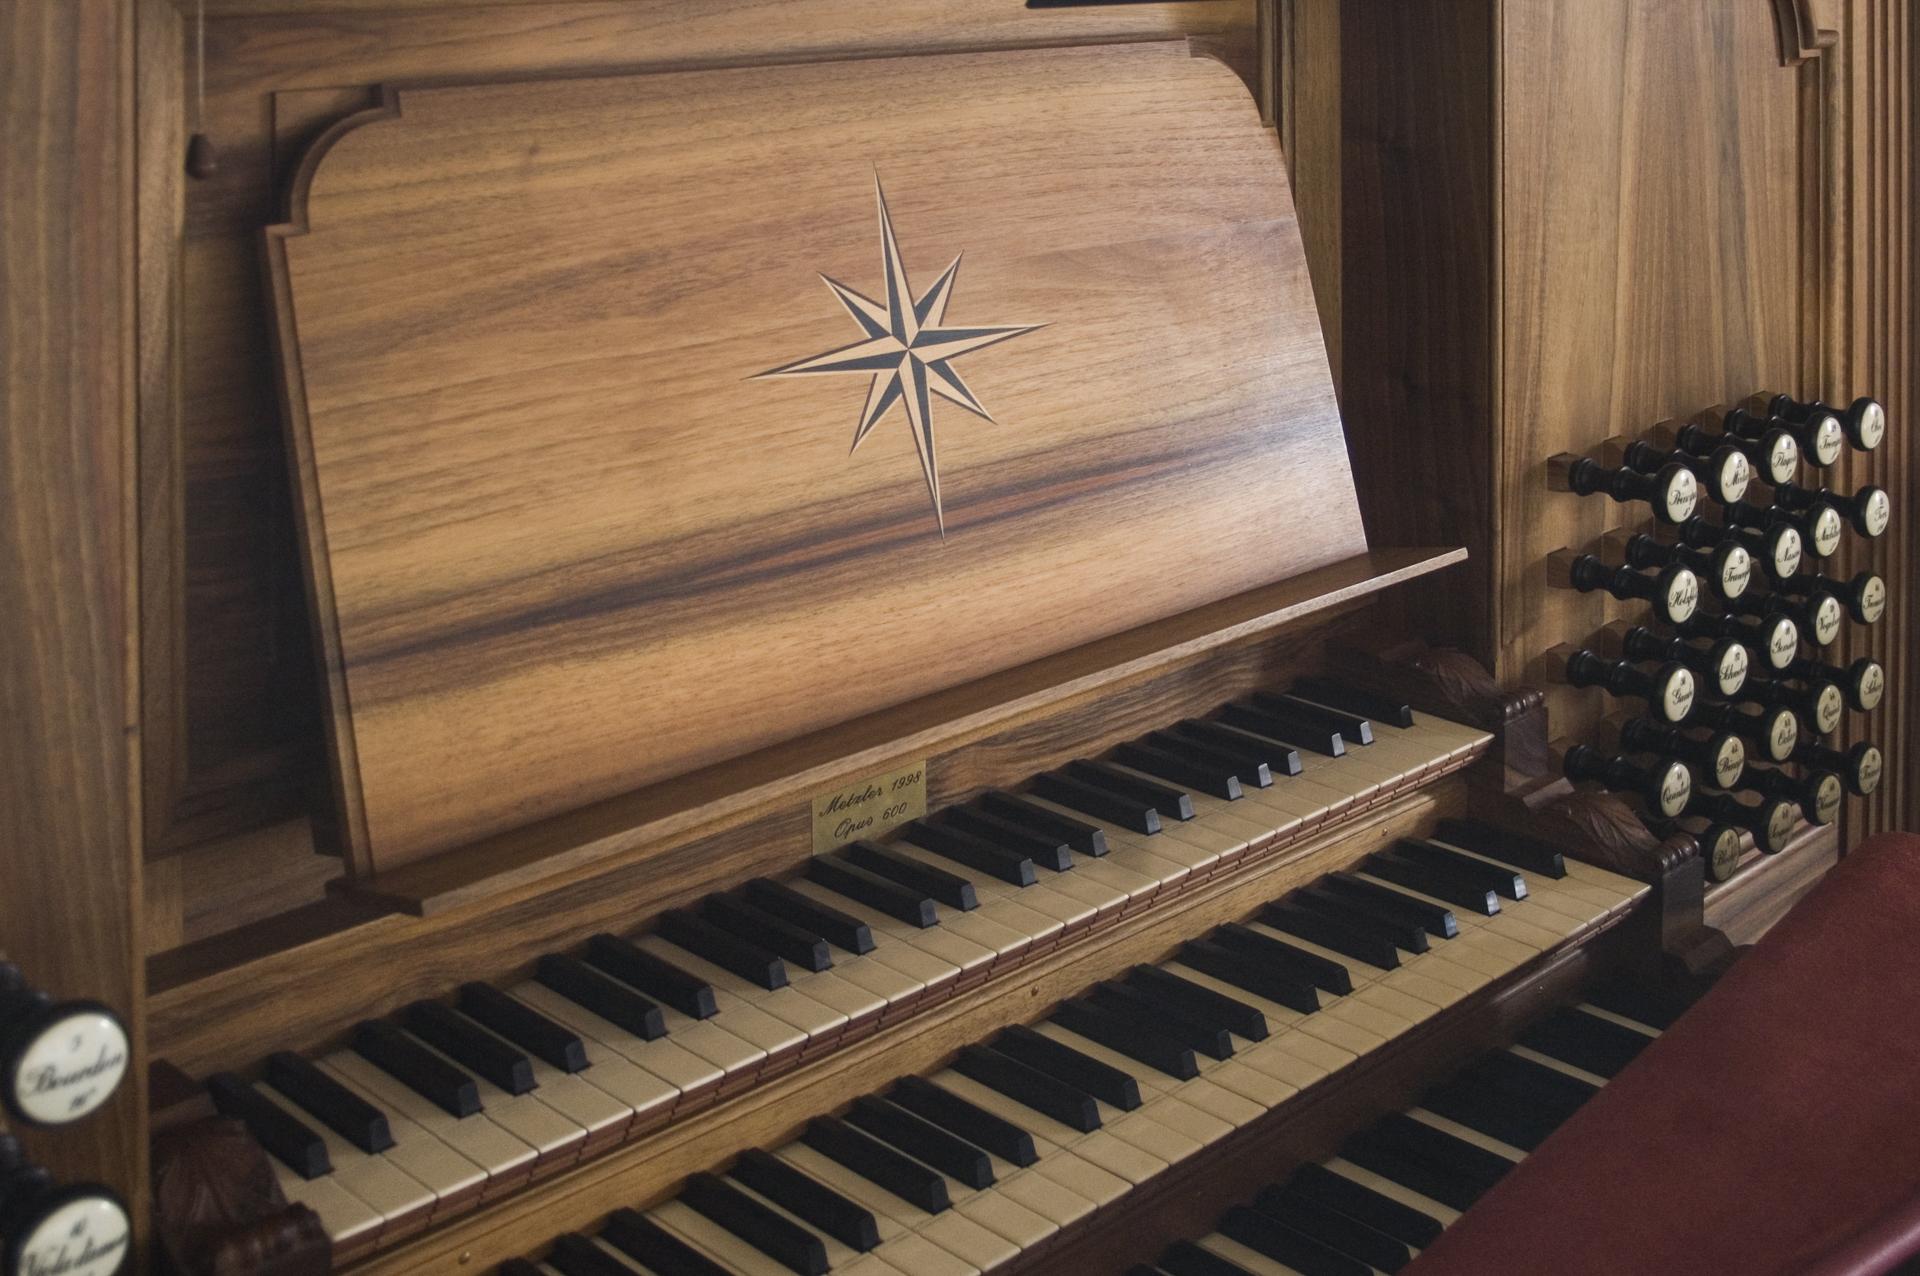 tischlerei-decker-Orgel-Hopfgarten-restauration-orgel-tastatur